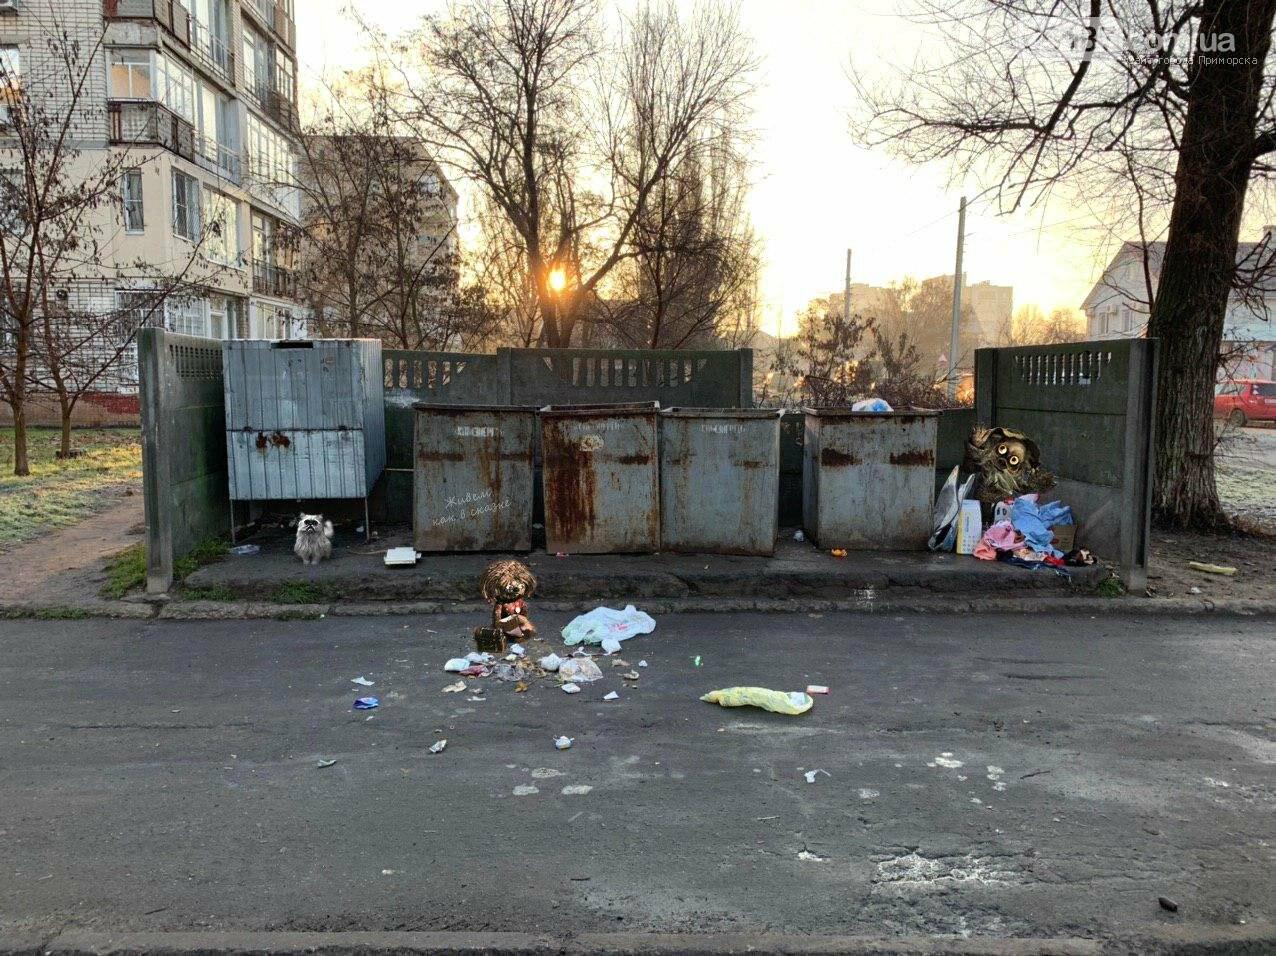 Бердянск в опасности! Обнаружены новые формы жизни! (фото), фото-1